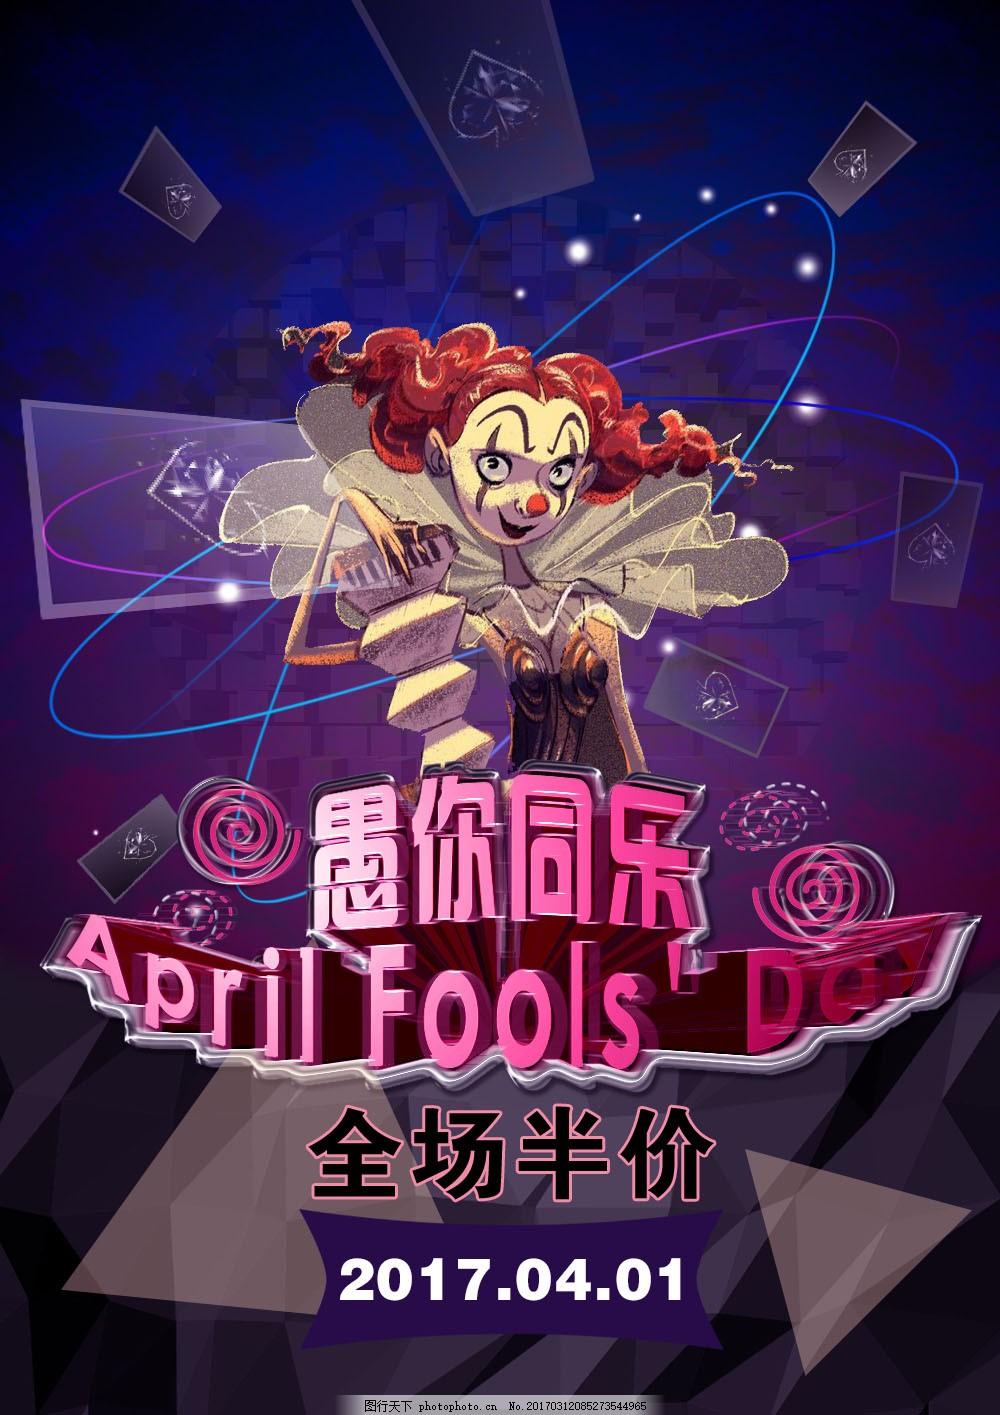 愚人节小丑黑色炫酷手绘卡通动漫宣传海报,广告设计